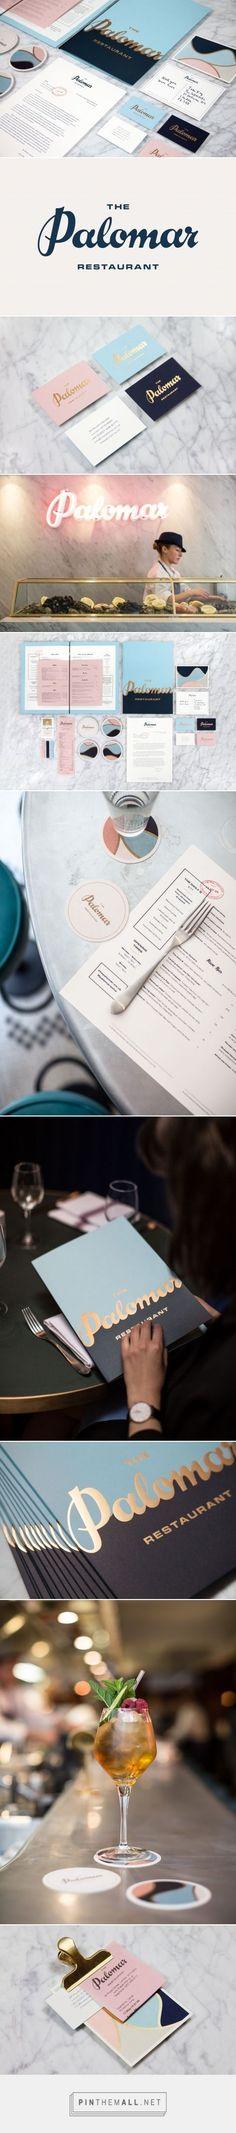 The Palomar Restaurant Branding by Here Design